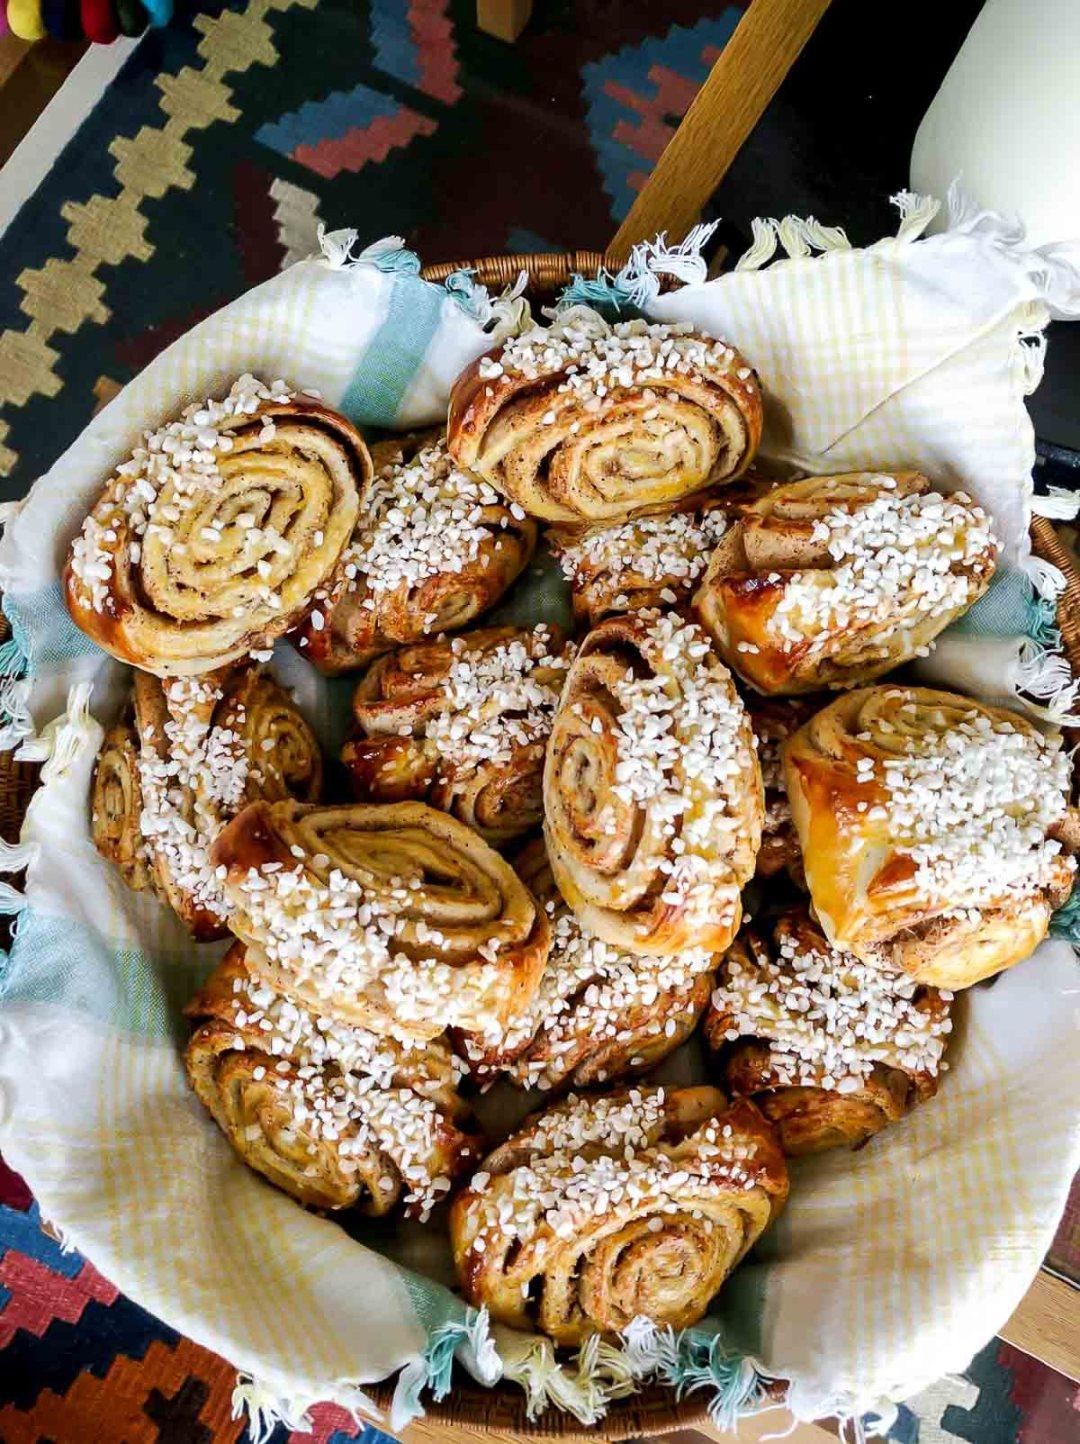 Finnish cinnamon buns